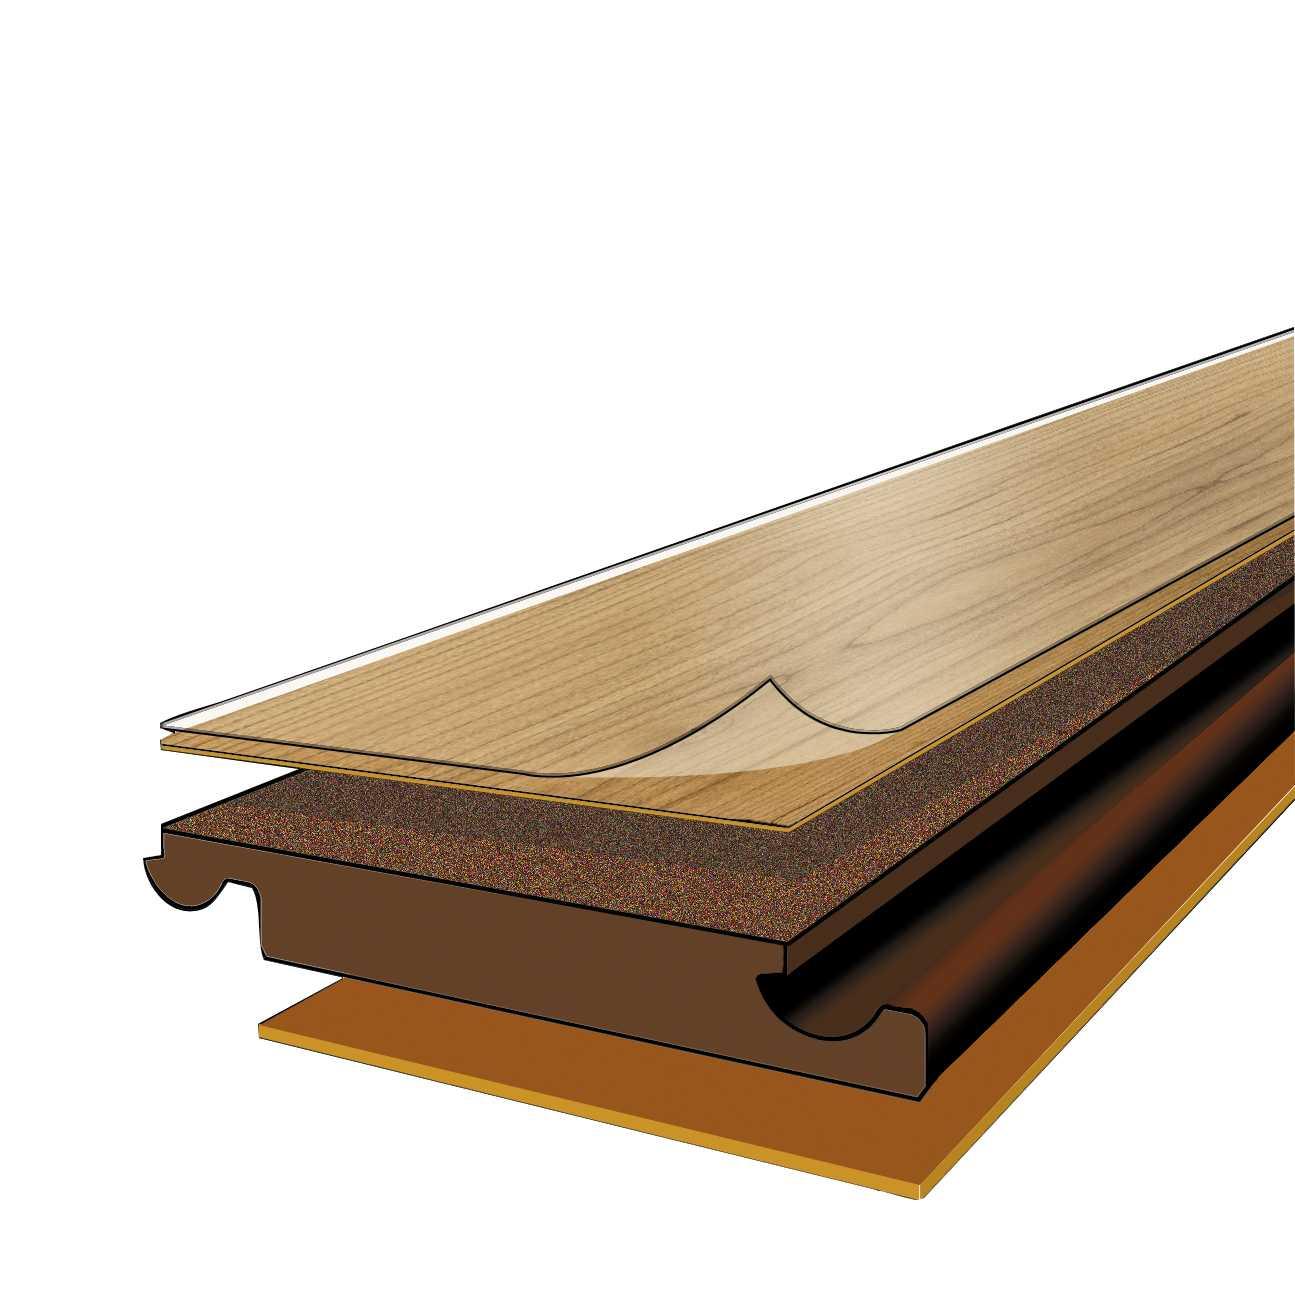 Полы из ламината устойчивы к загрязнению.  Пятна, полученные...  Пятый слой состоит из влагостойкой бумаги.